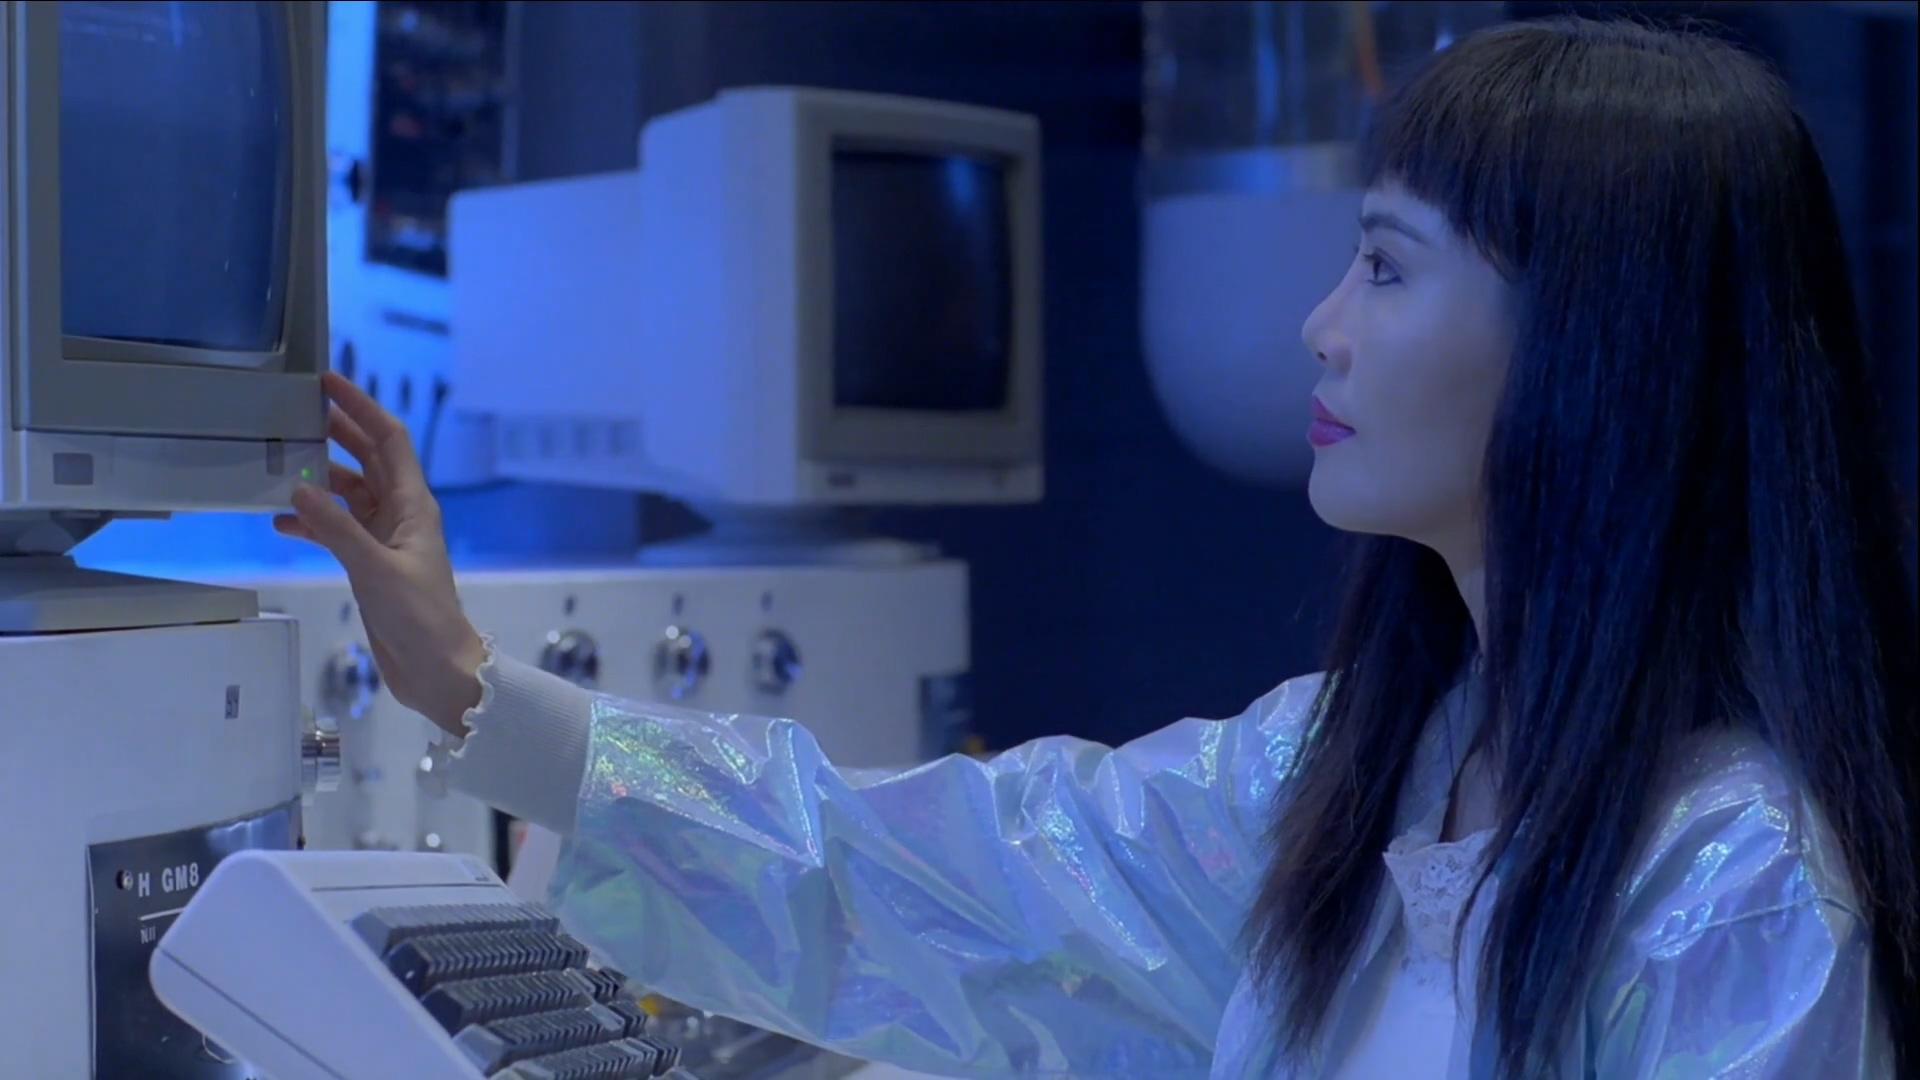 [《女机械人》完整版][Robotrix.1080P.x264.AC3][国粤双语/中繁字幕]7.54GB